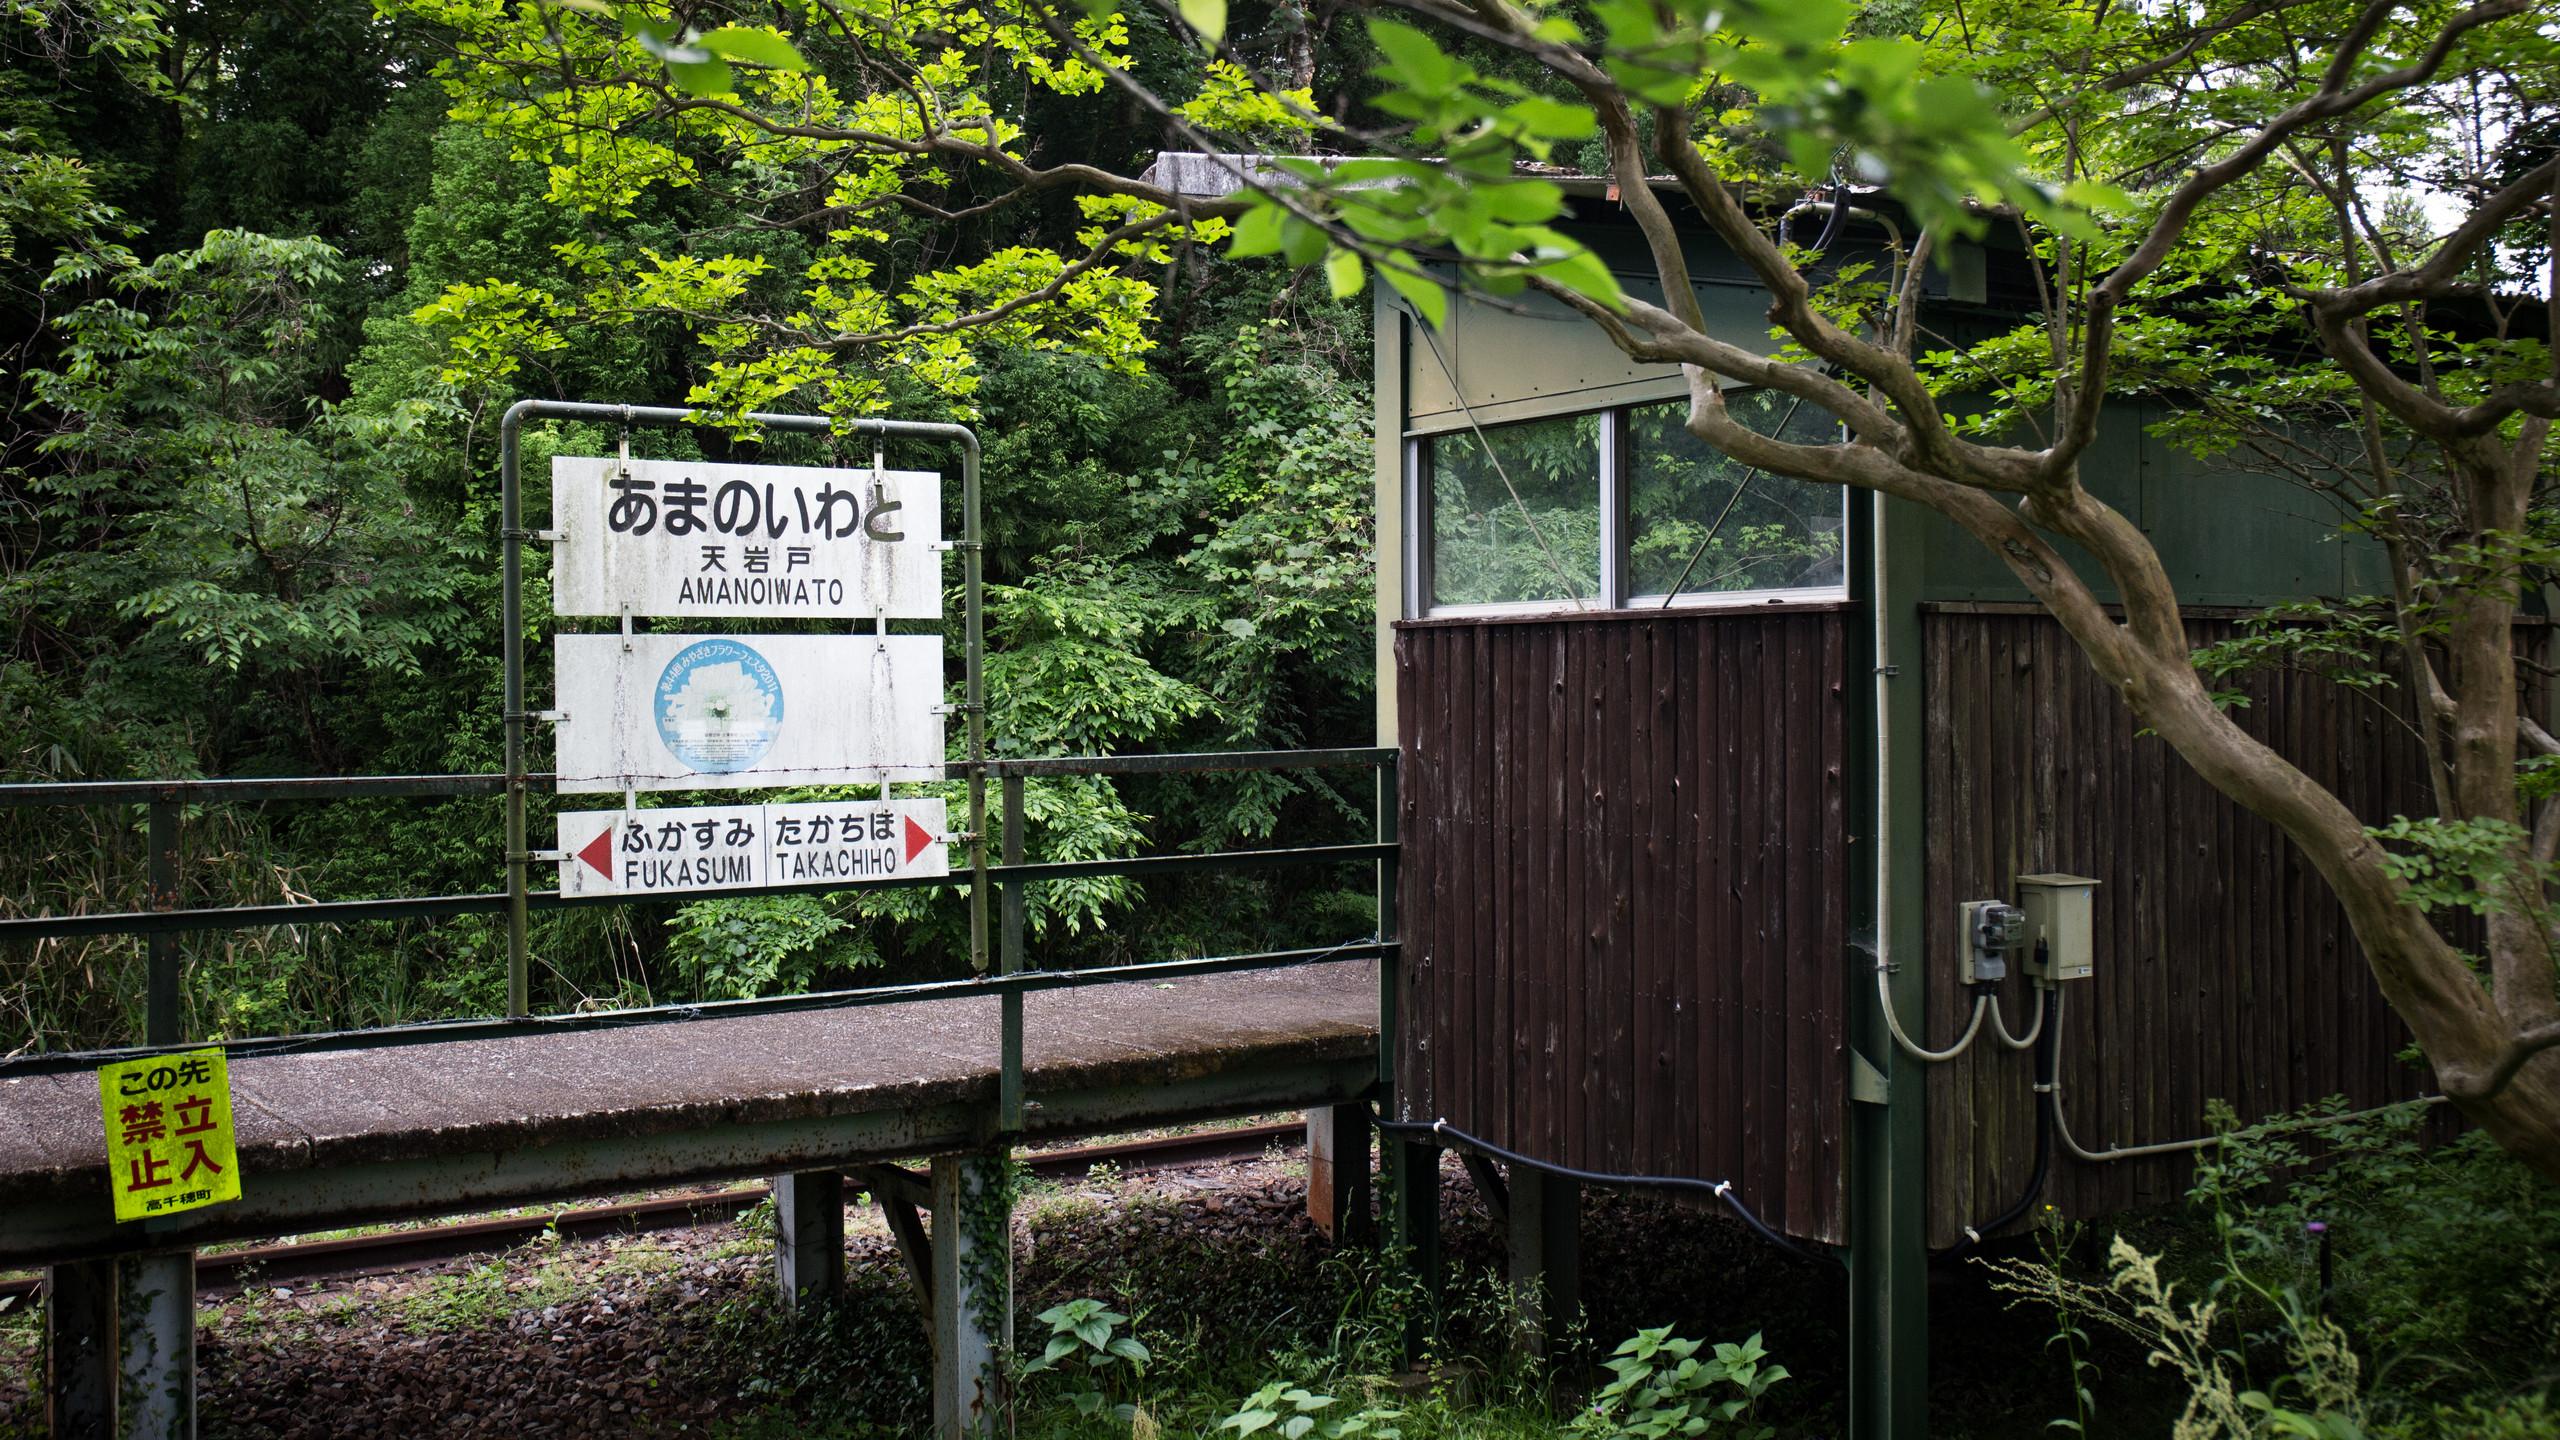 Estação Amanoiwato